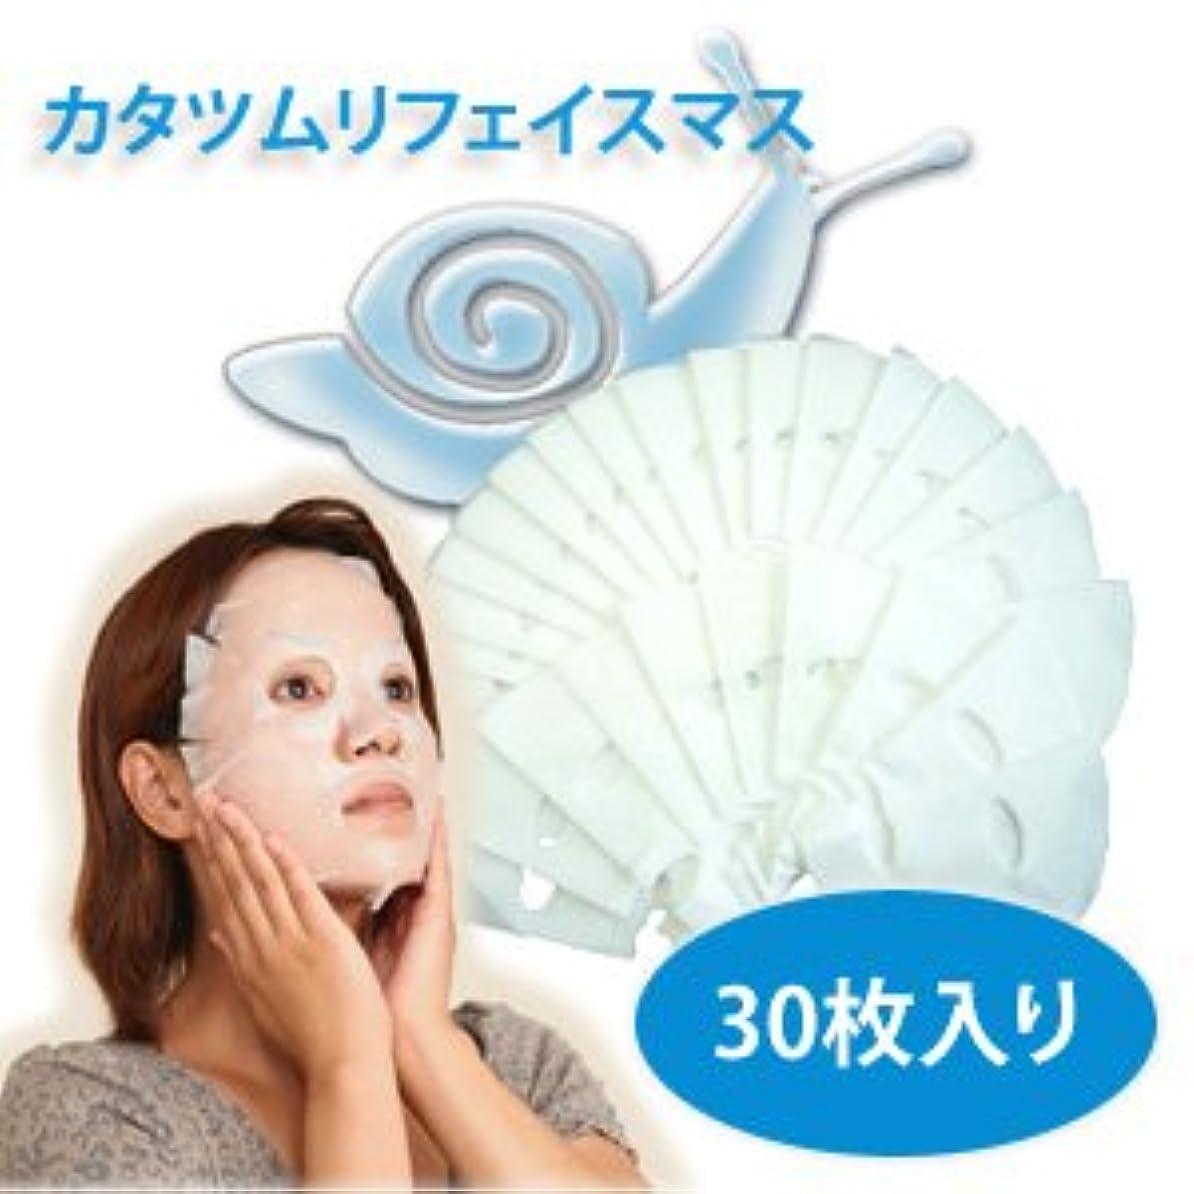 健康的事前に取り戻す【かたつむり粘液配合】カタツムリフェイスマスク 30枚入り